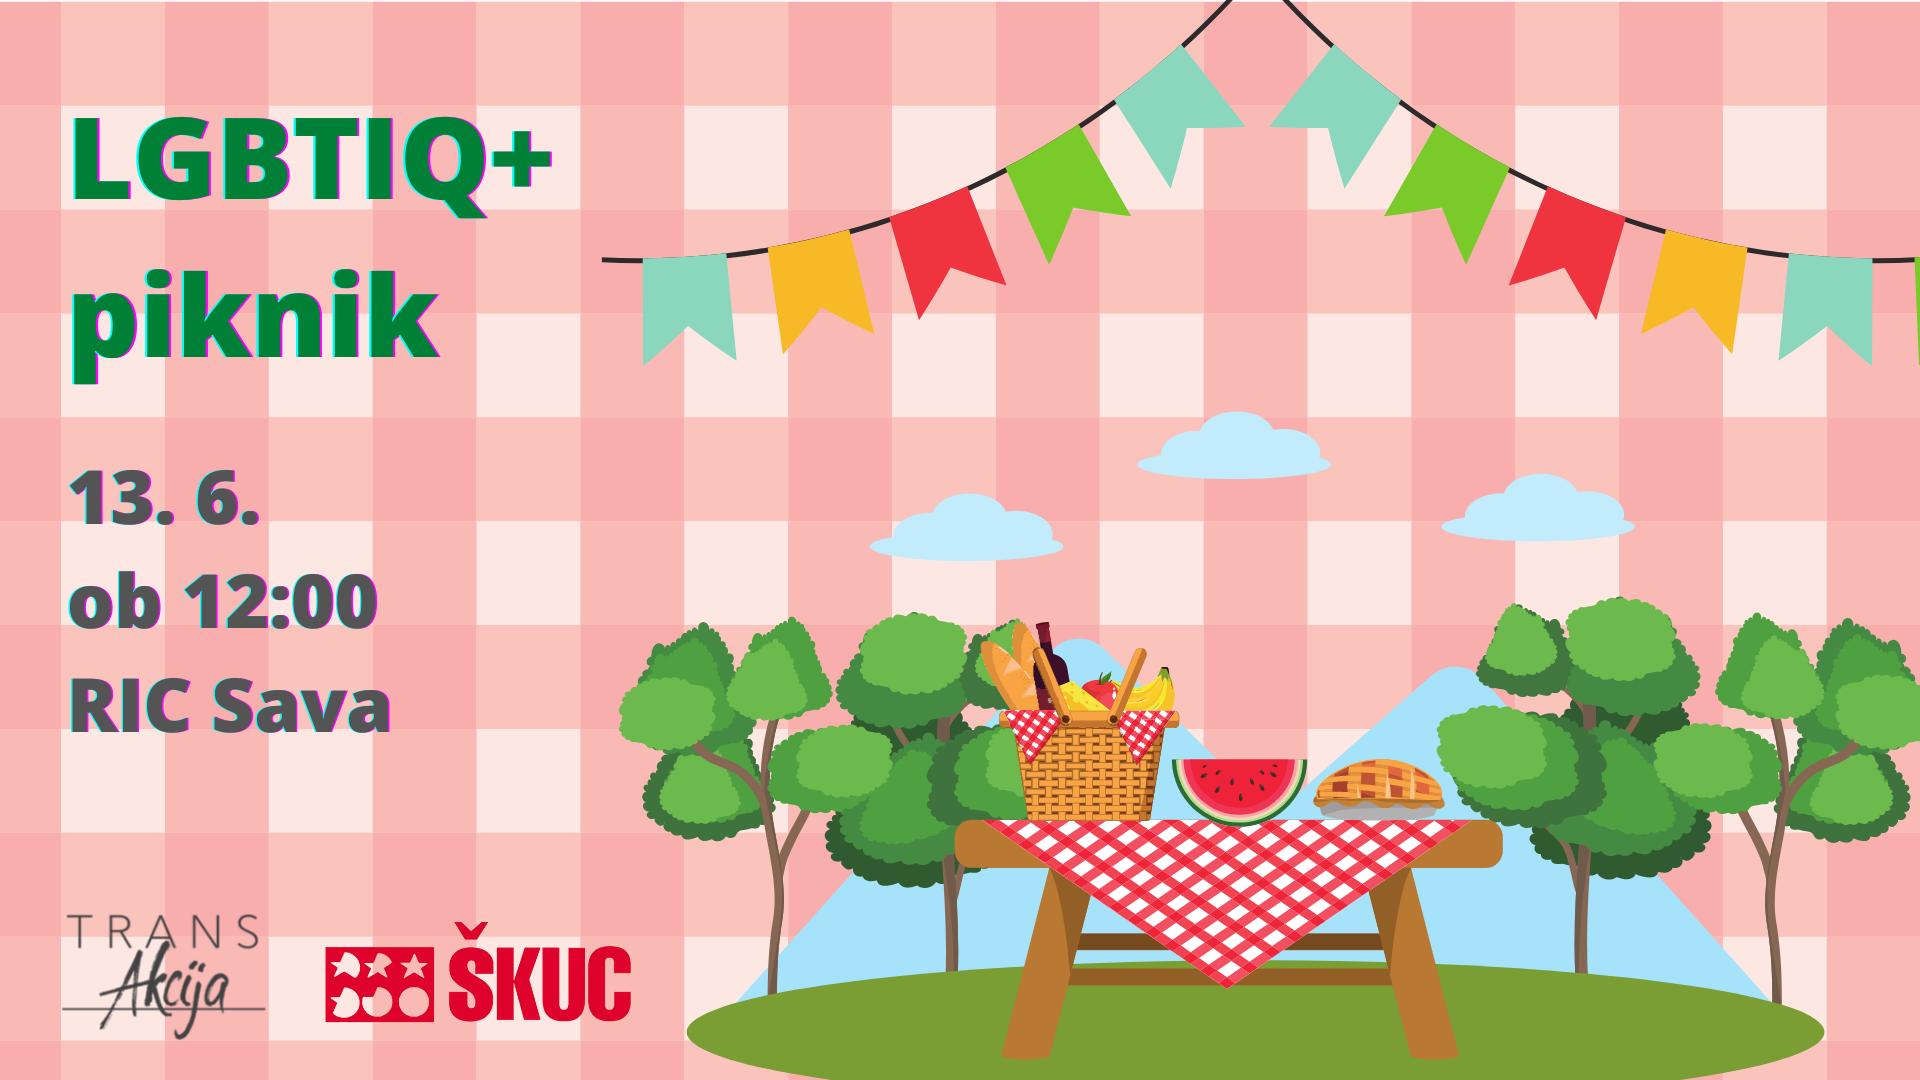 LGBTIQ+ piknik